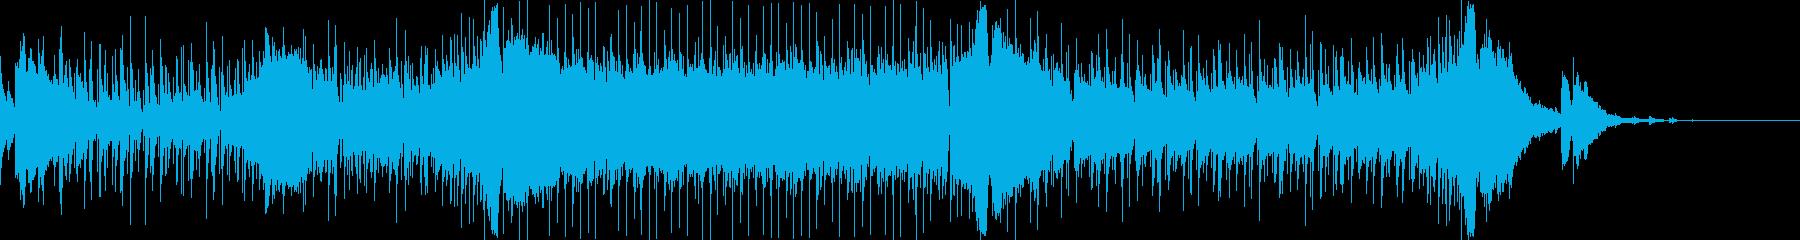 オシャレでさわやかな夏のトロピカルハウスの再生済みの波形